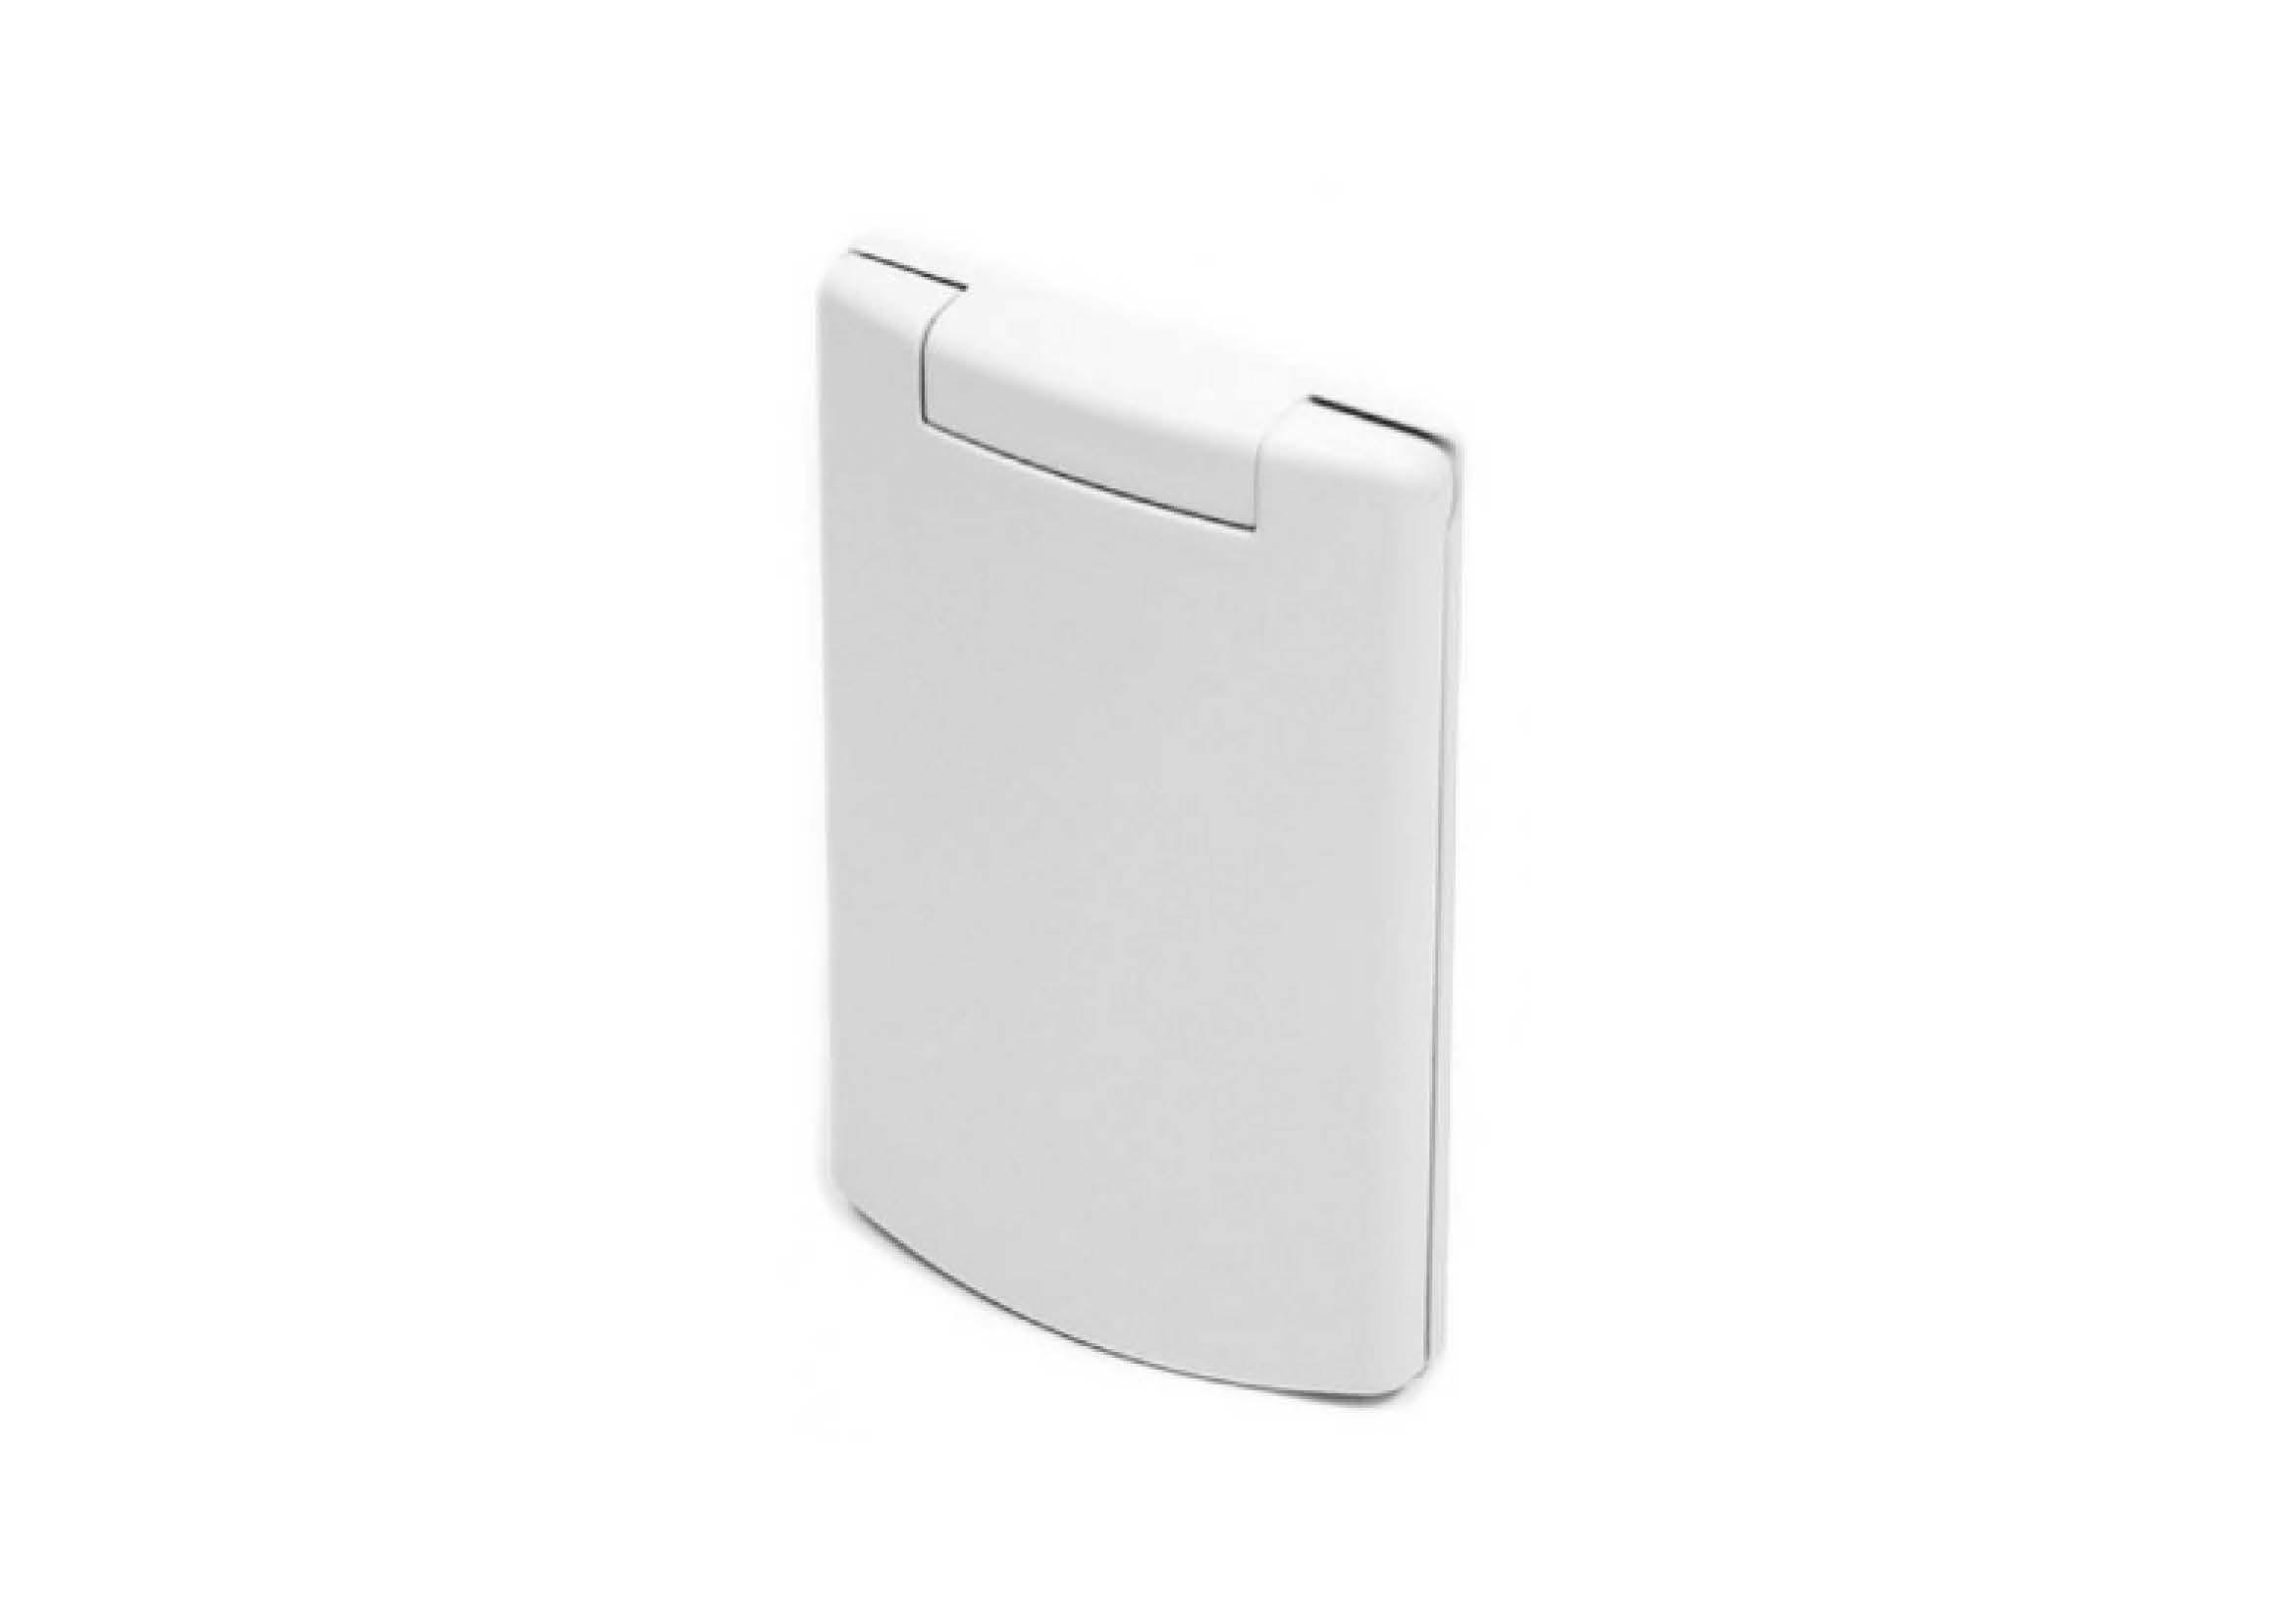 Вакуумна розетка R-VEX, колір білий